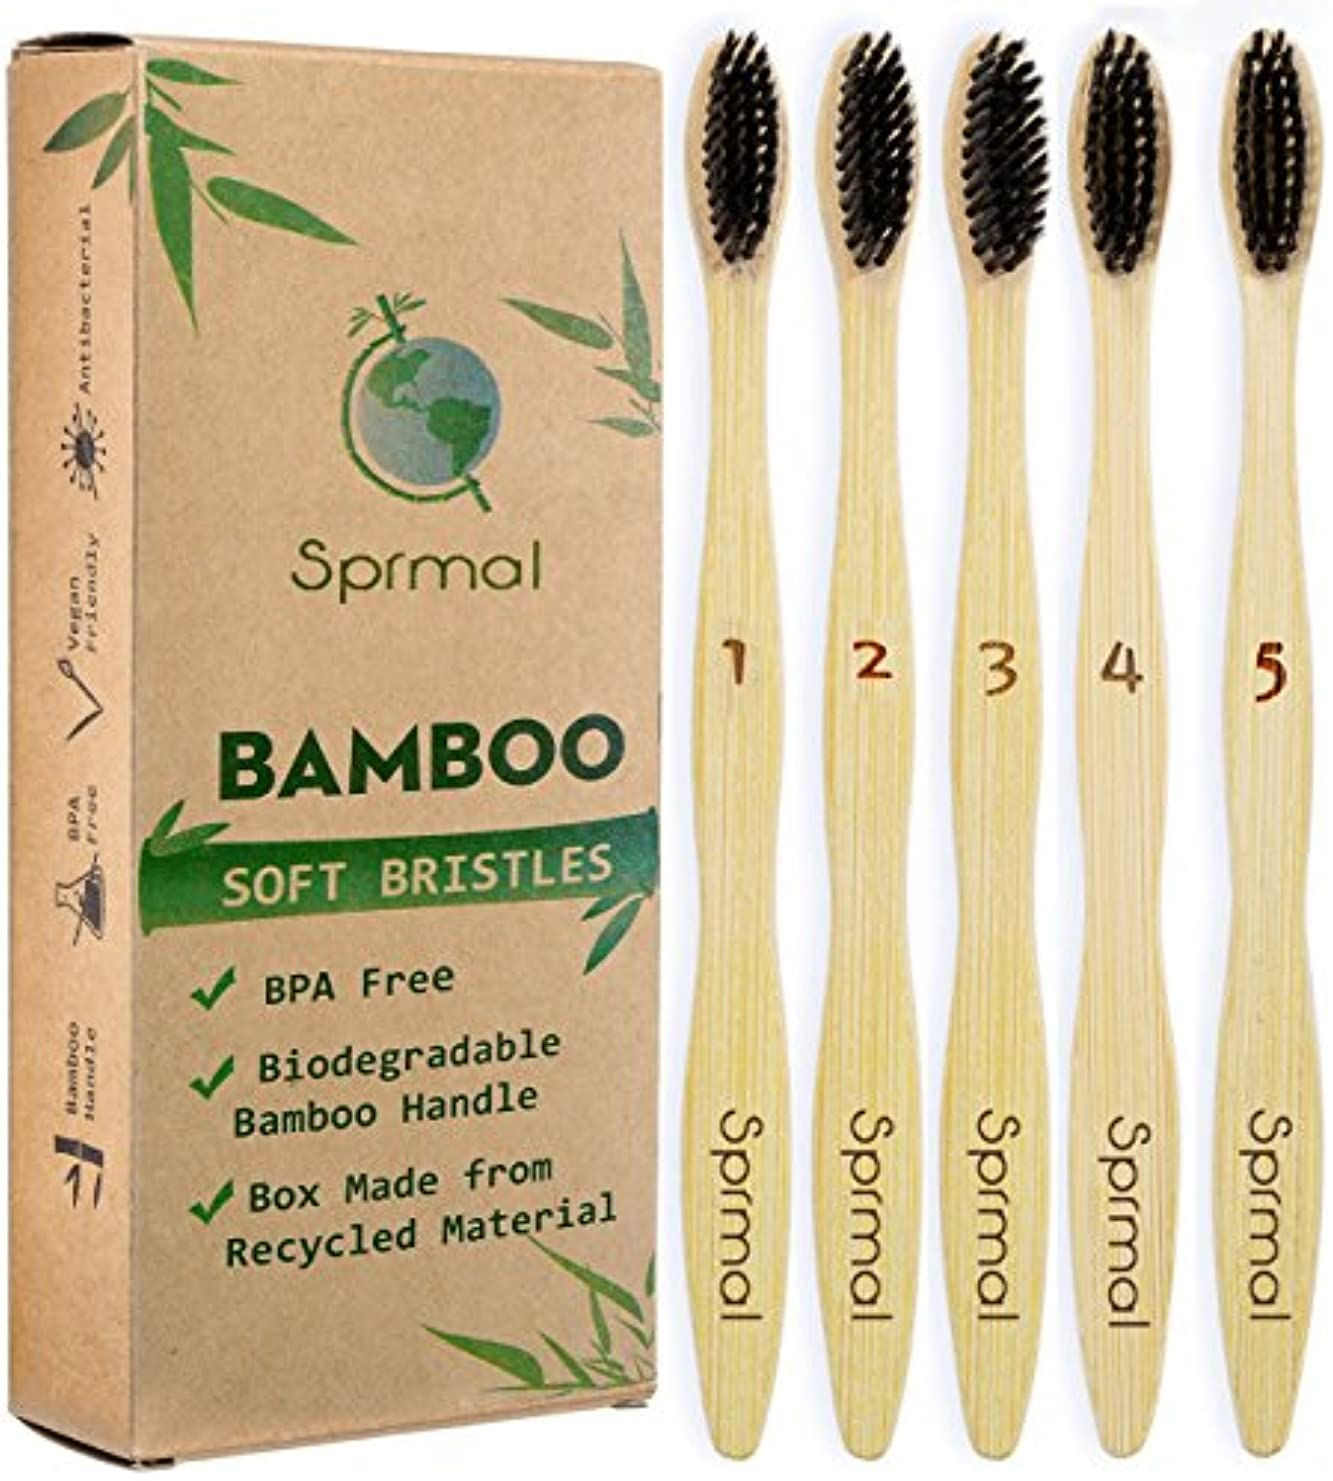 規模ロマンス乱用Sprmal Eco-Friendly Natural Bamboo Charcoal Toothbrush-Pack of 5,Individually Numbered,Zero Plastic Packaging,...